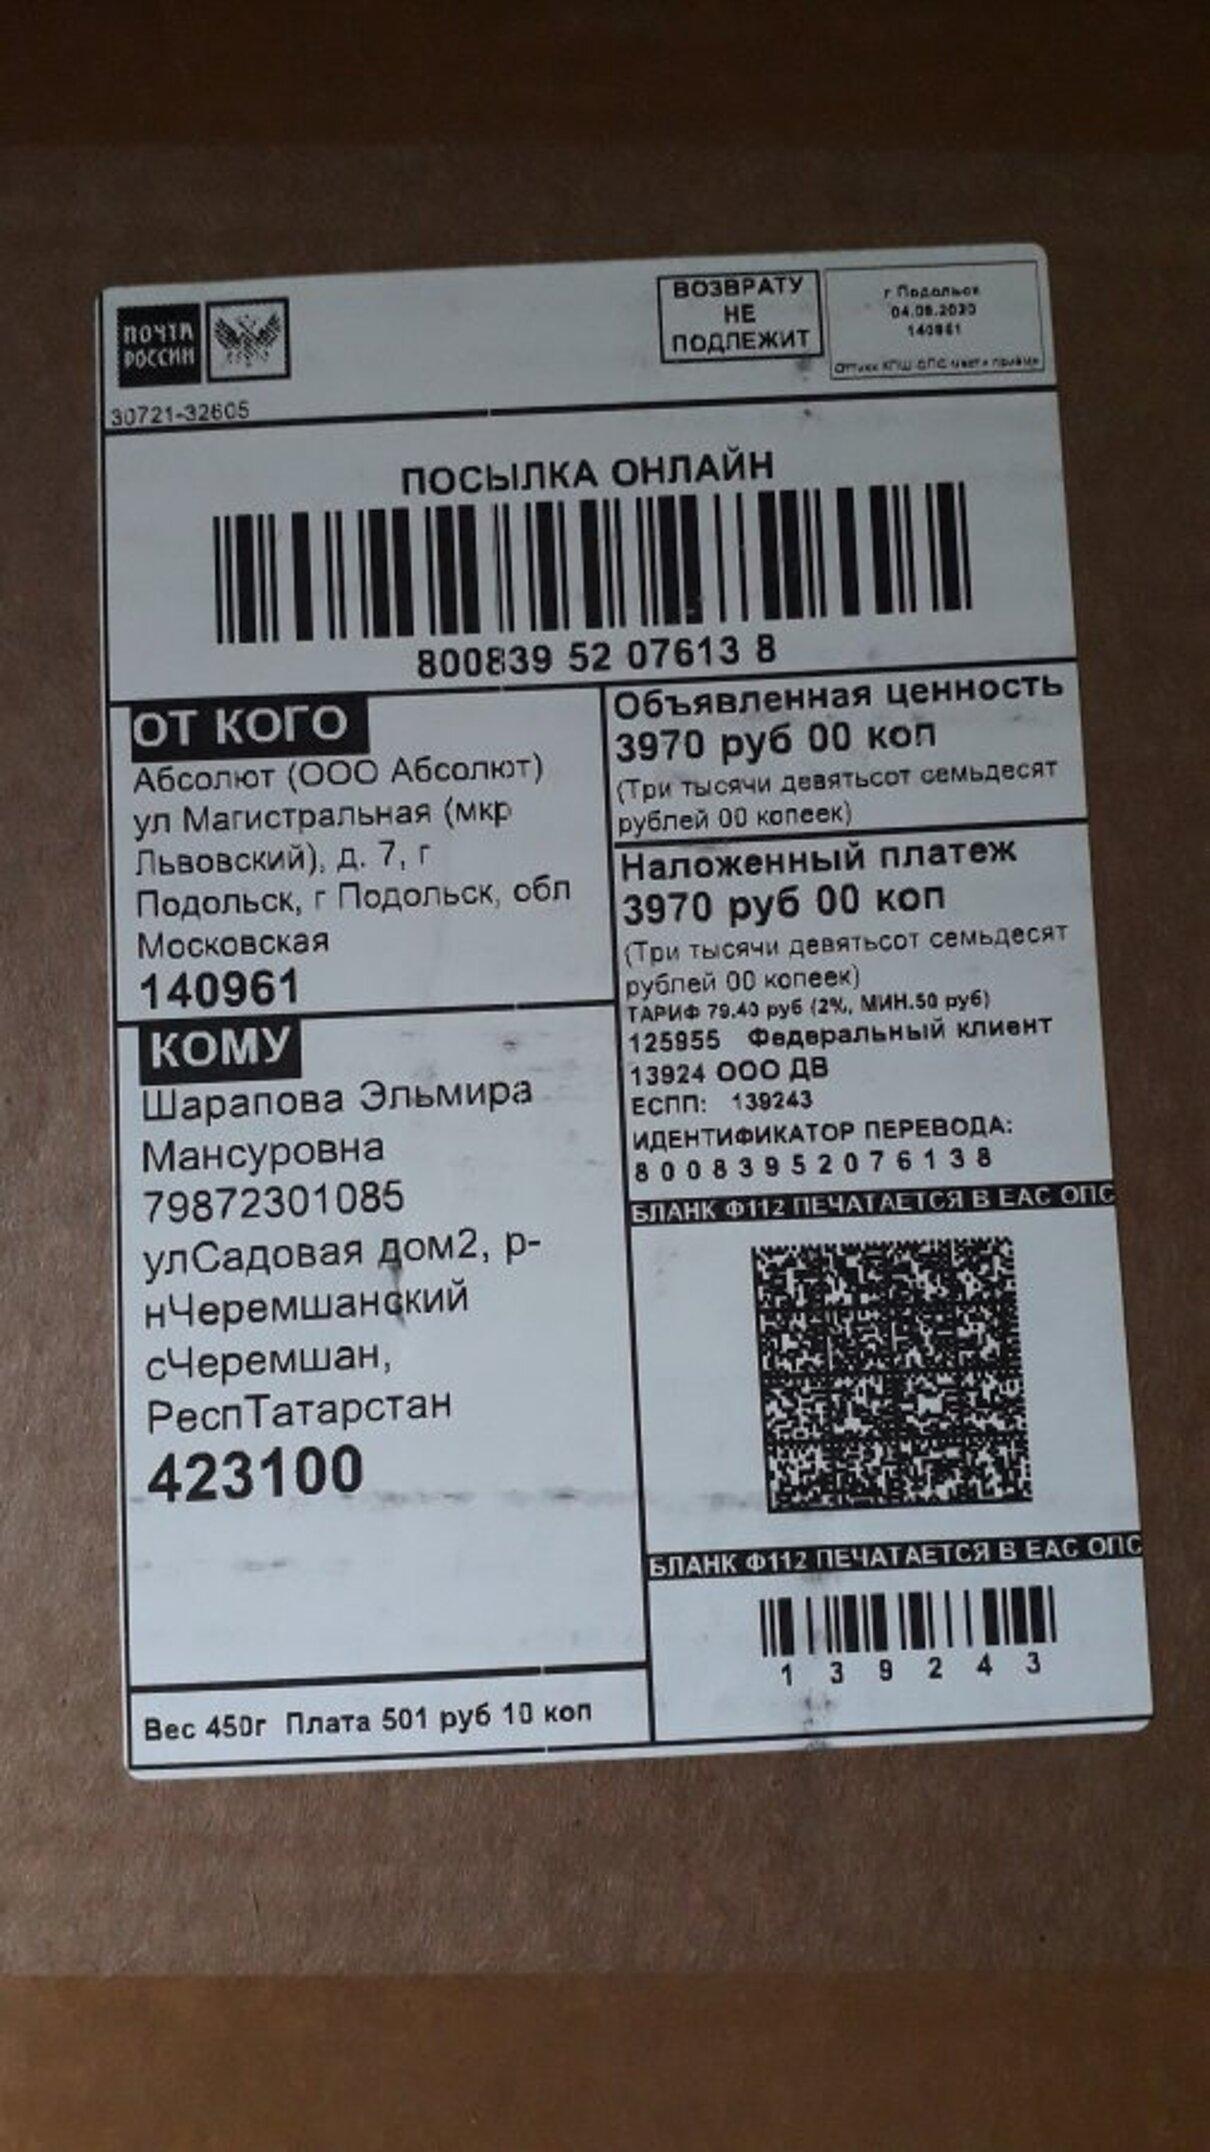 Жалоба-отзыв: LLC Parcels Pro, а/я 210 Московский АСЦ 145901, ООО Фортис - Универсальный эпилятор.  Фото №1